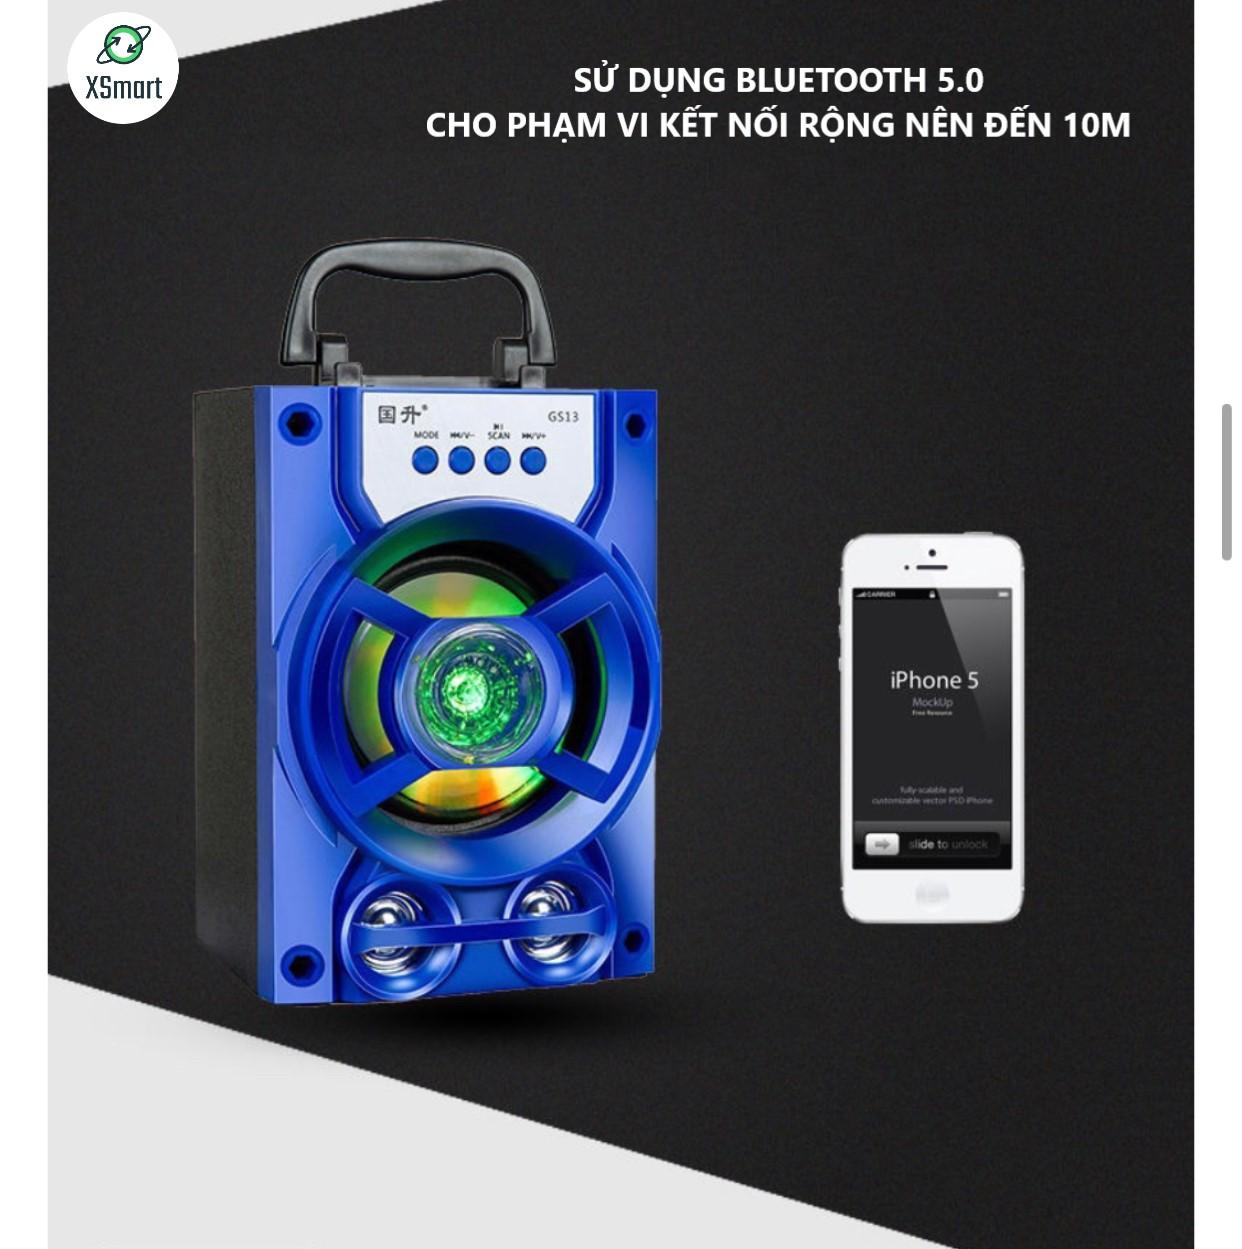 Loa Bluetooth Không Dây XSmart GS13 Pro Xách Tay Loại 1 Âm Thanh Hay Siêu Trầm, Led Nháy Theo Nhạc, Super Bass Nghe EDM, REMIX - Hàng Chính Hãng